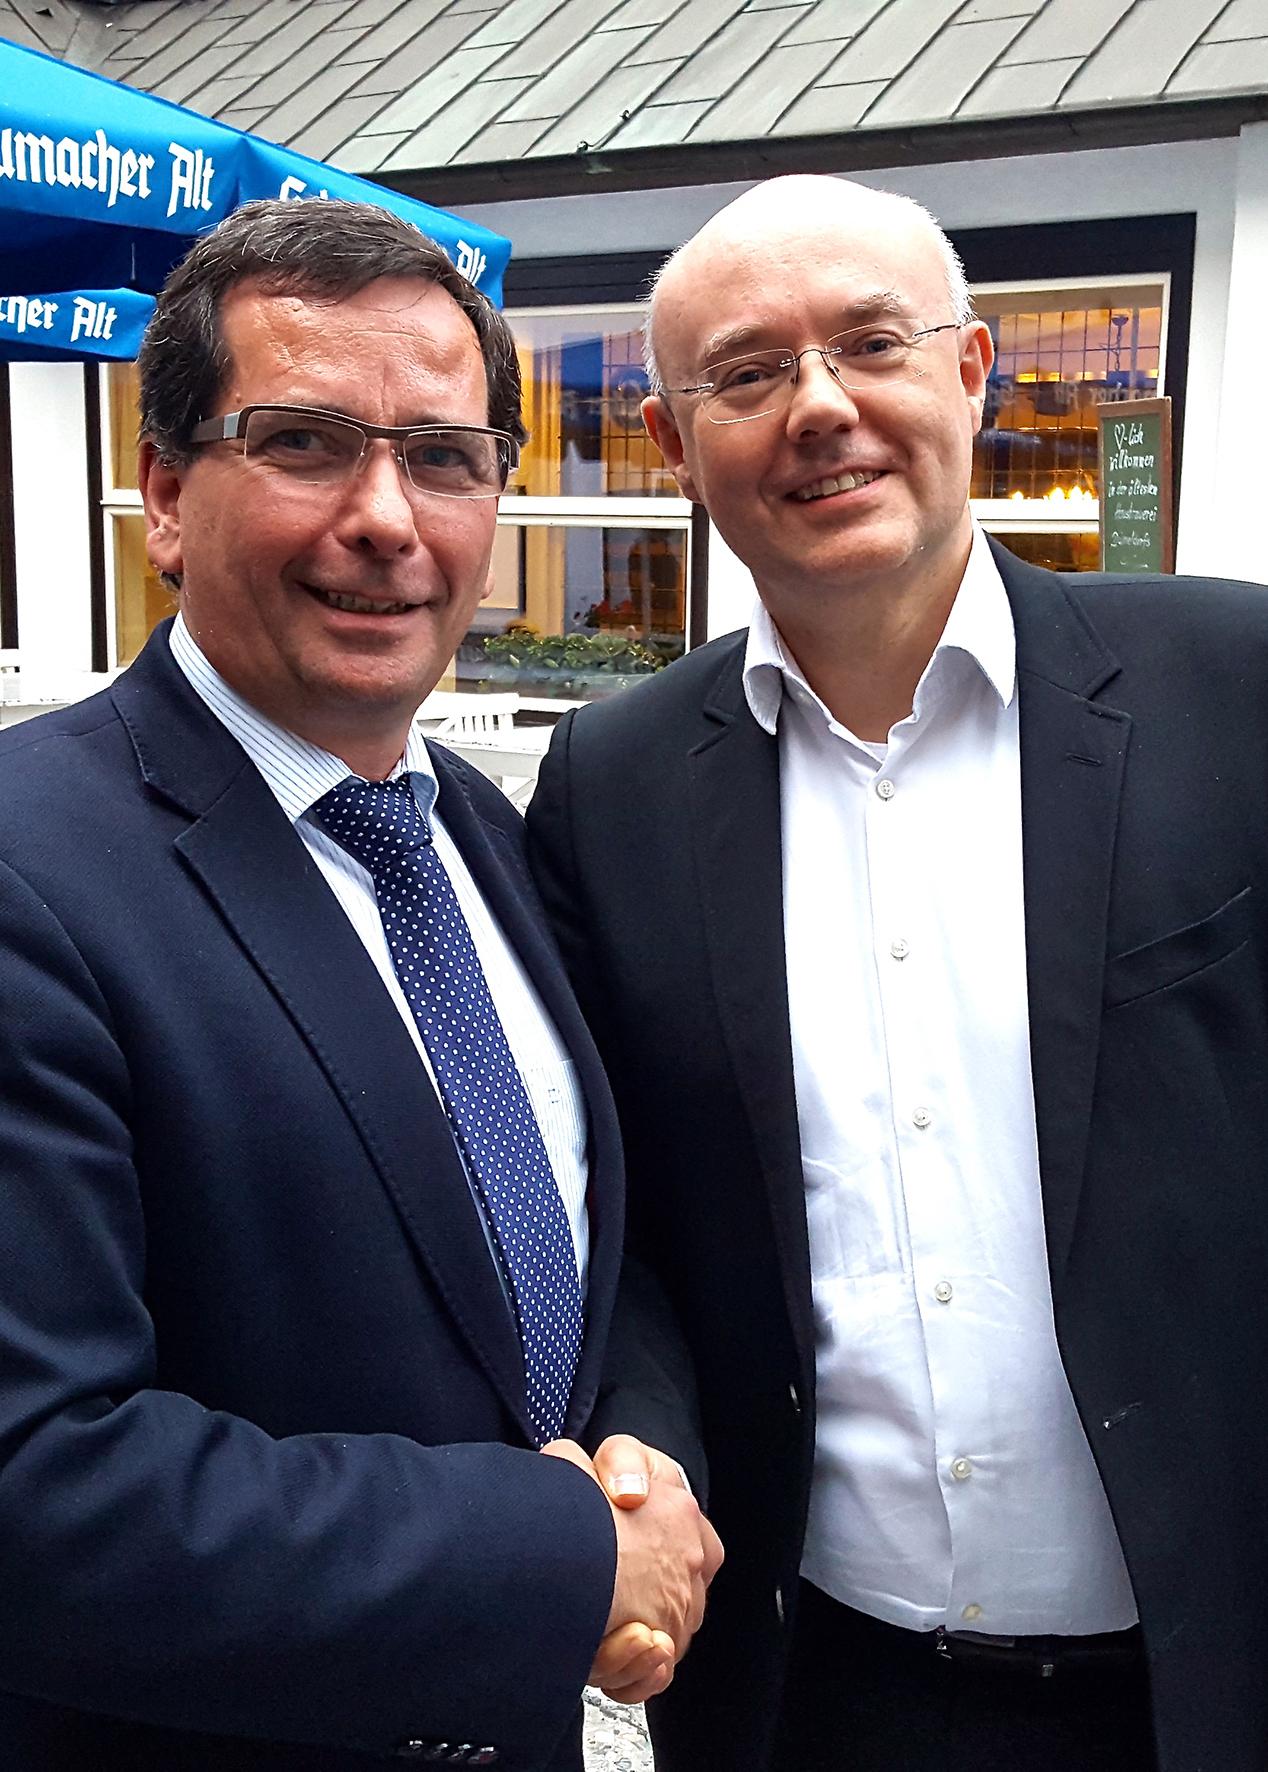 Präsident Michael Schweers gratuliert dem neuen Geschäftsführer Markus Schwarz zu seiner Wahl (Foto: Prinzengarde Blau-Weiss)